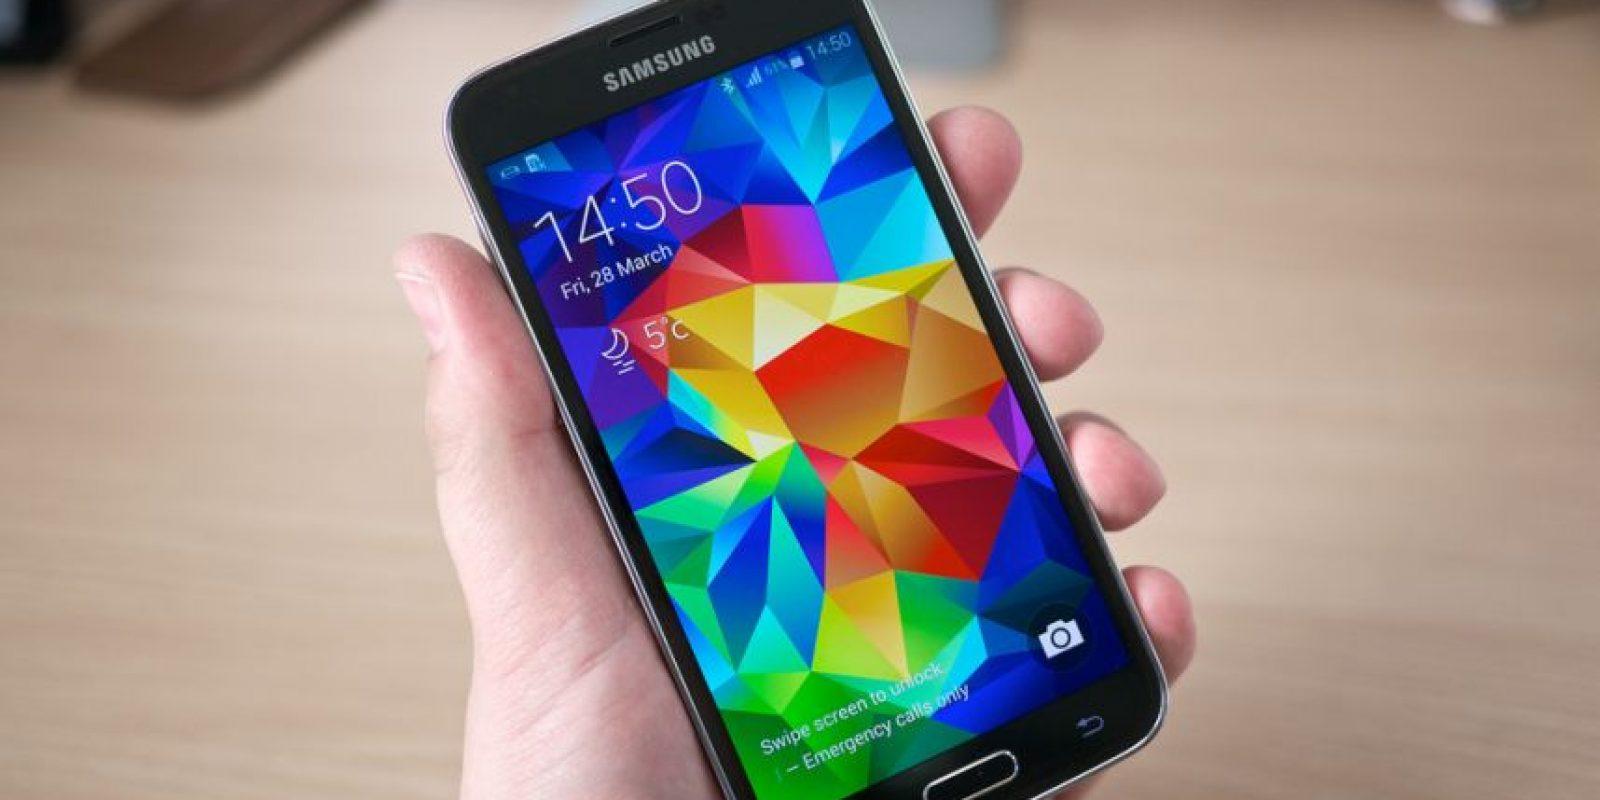 """Por lo visto, la relación de Sony y """"James Bond"""" llegará a su fin para la película """"Spectre"""", ya que Samsung lograría incorporar su modelo más reciente como el smartphone oficial de este personaje Foto:Samsung"""